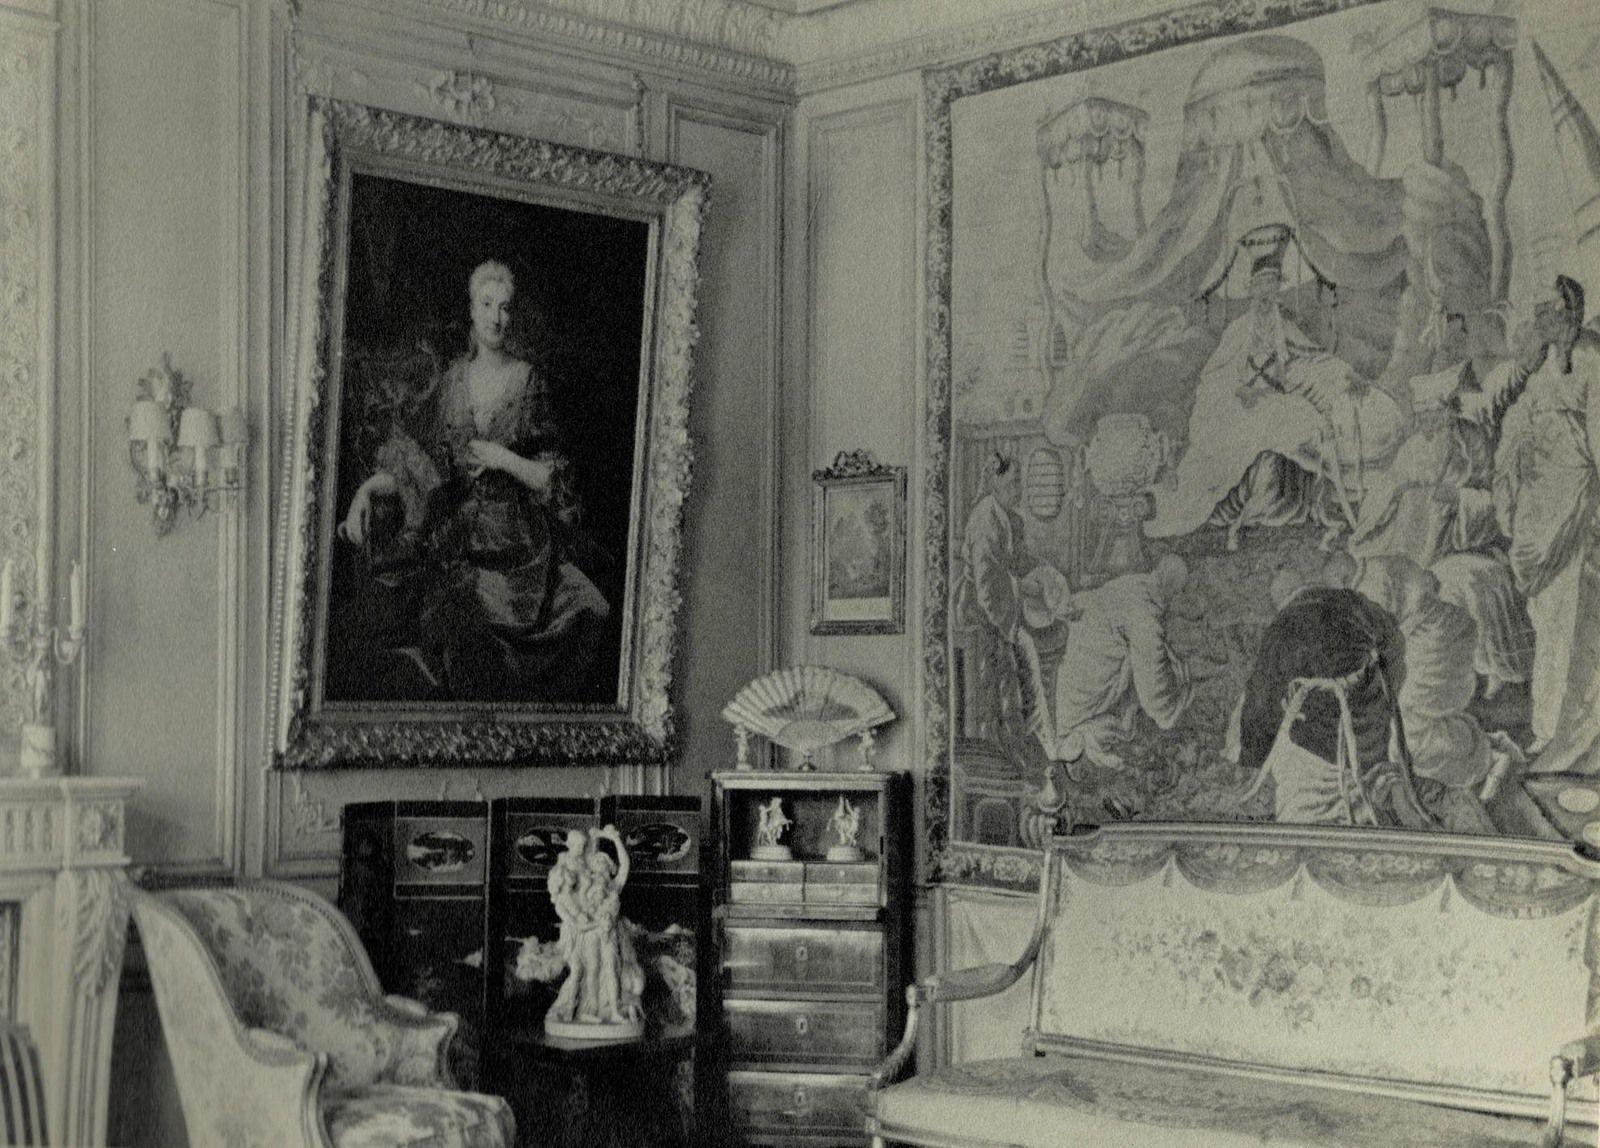 Vue du tableau dans le salon parisien des Lacaze, rue Magdebourg © d.r.